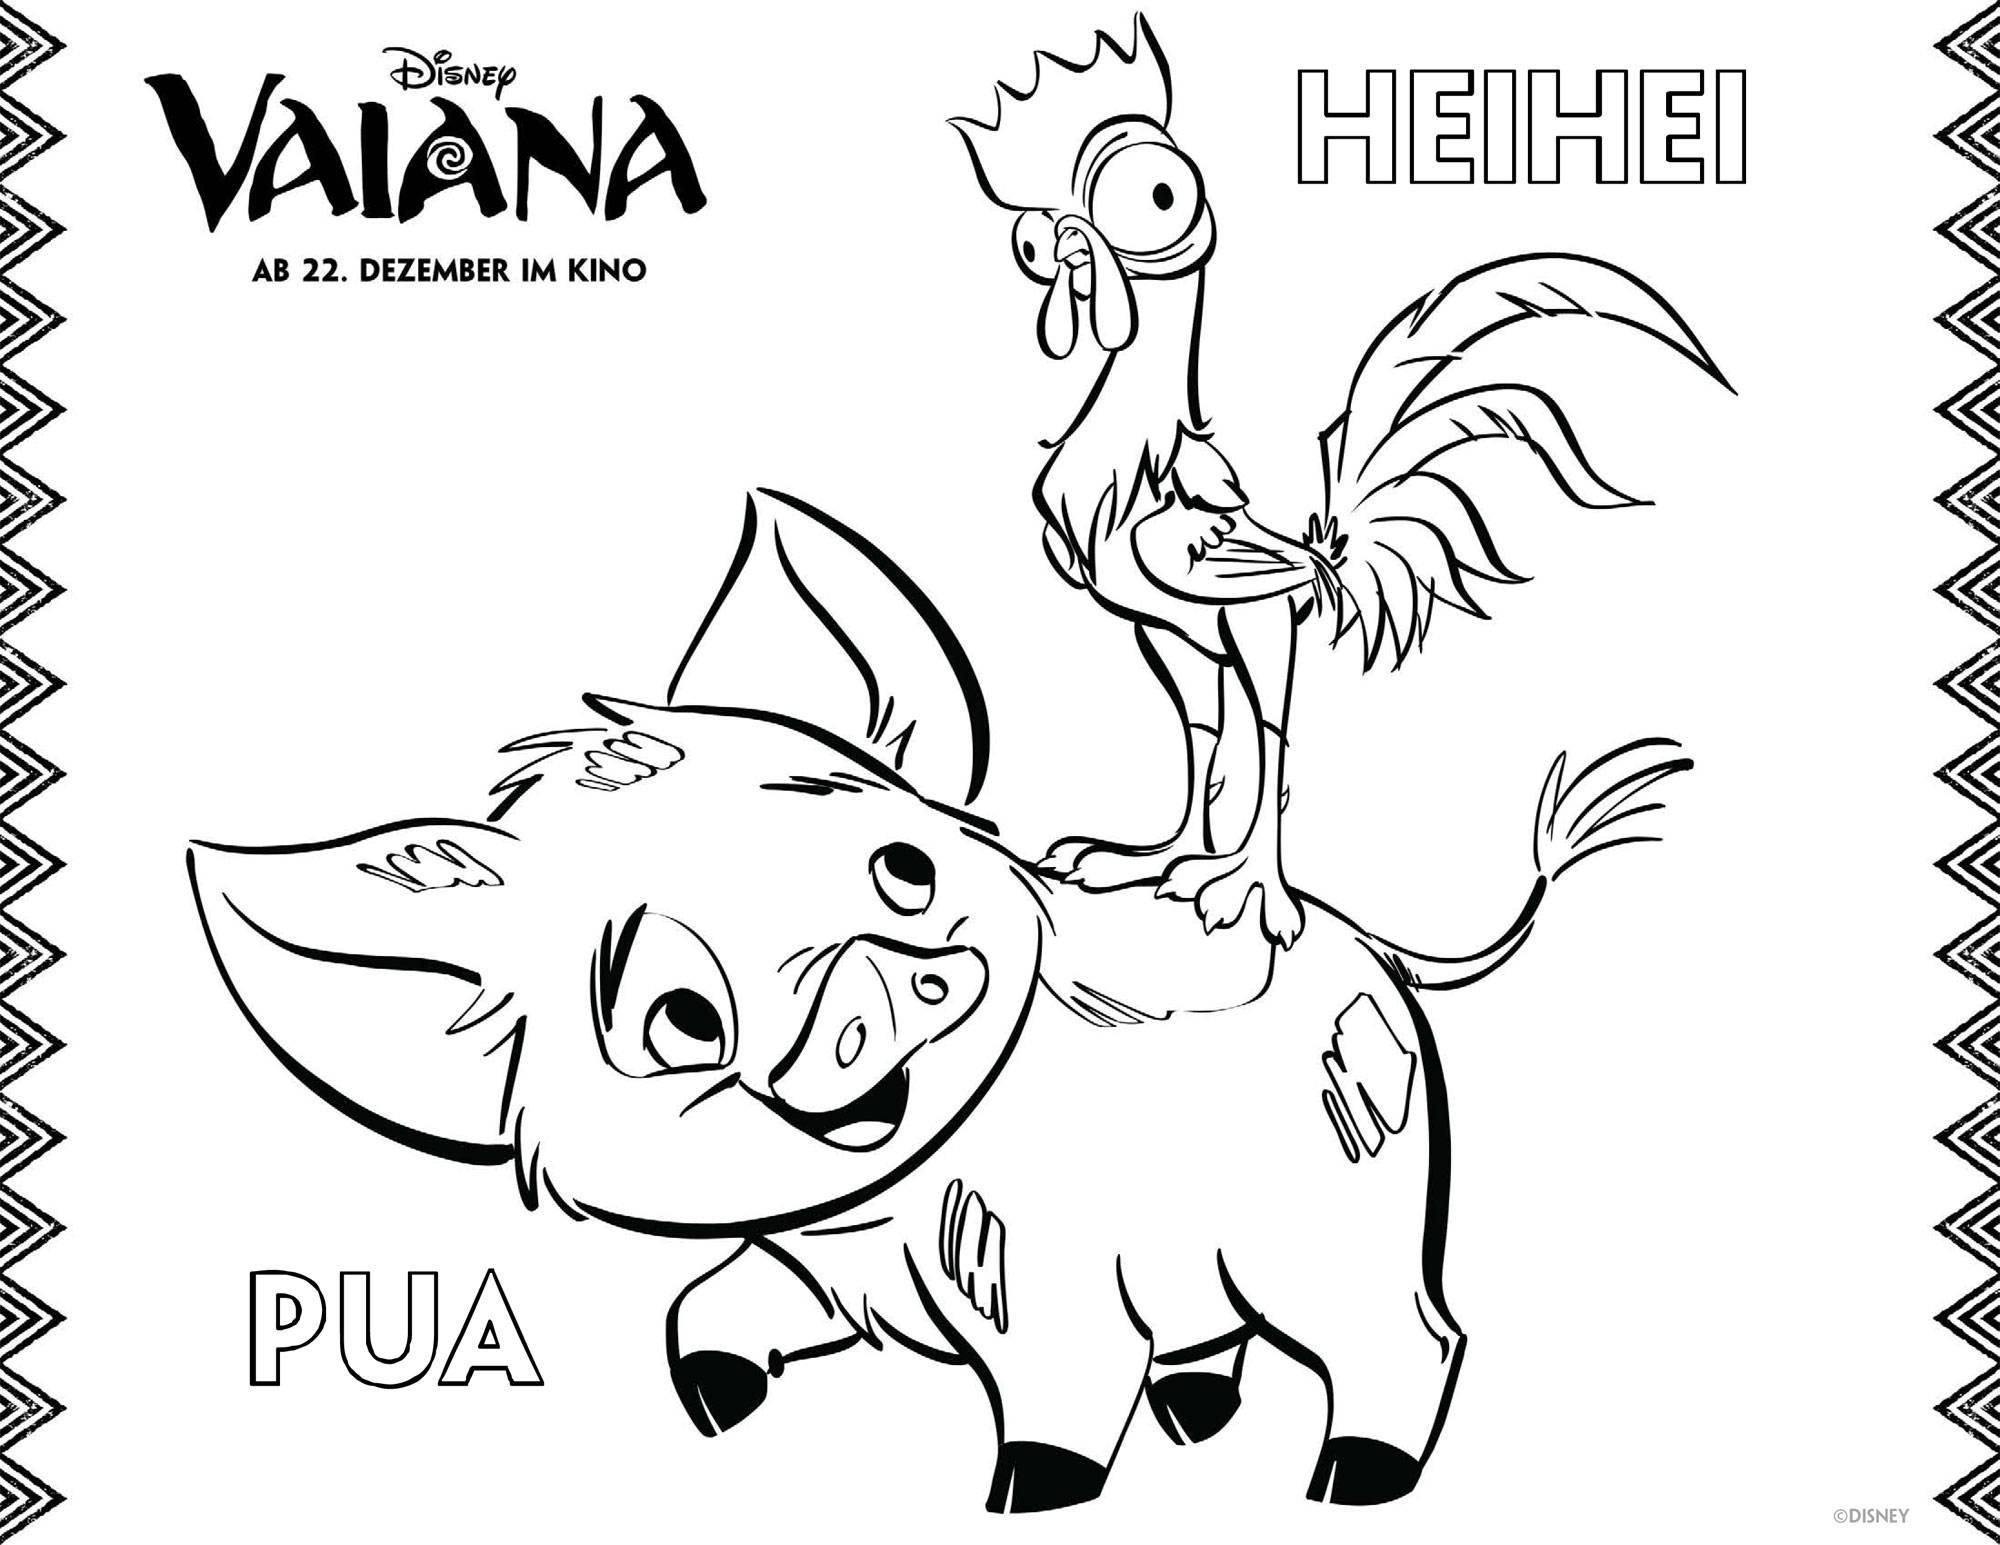 Ausmalbild Vaiana: Pua und Heihei ausmalen kostenlos ausdrucken